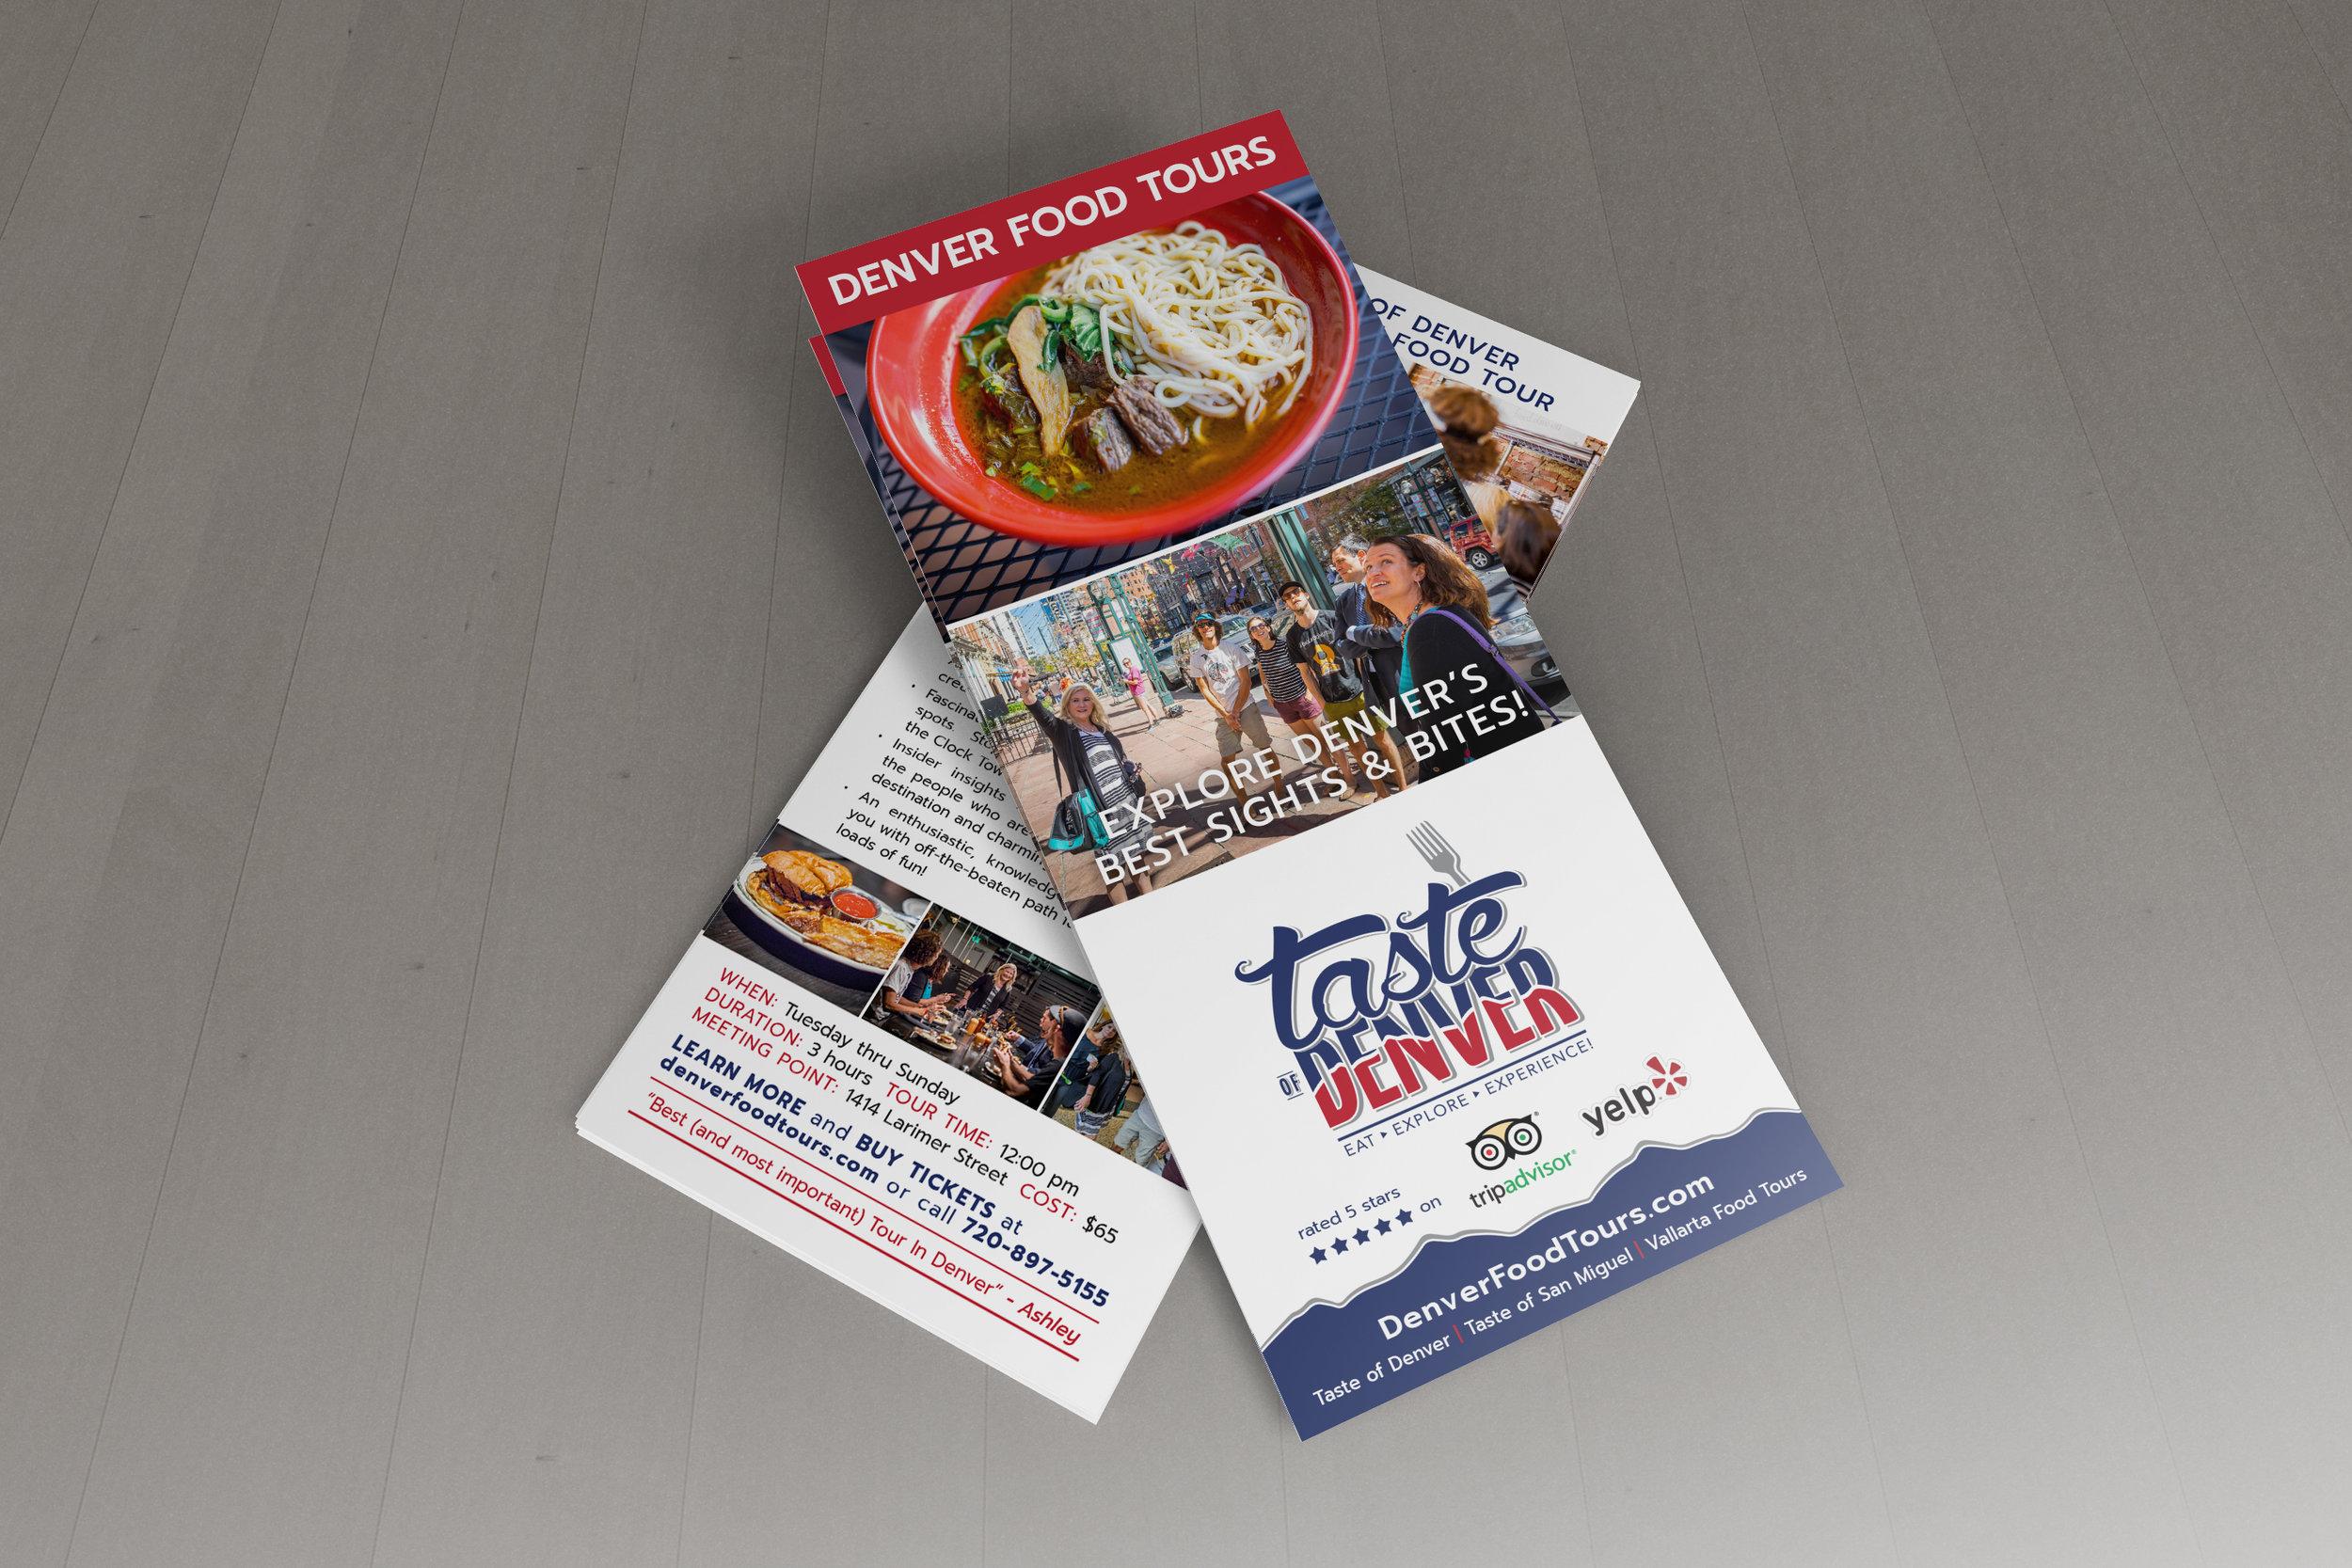 Taste-of-Denver-branding-rackcard-flyer-design.jpg